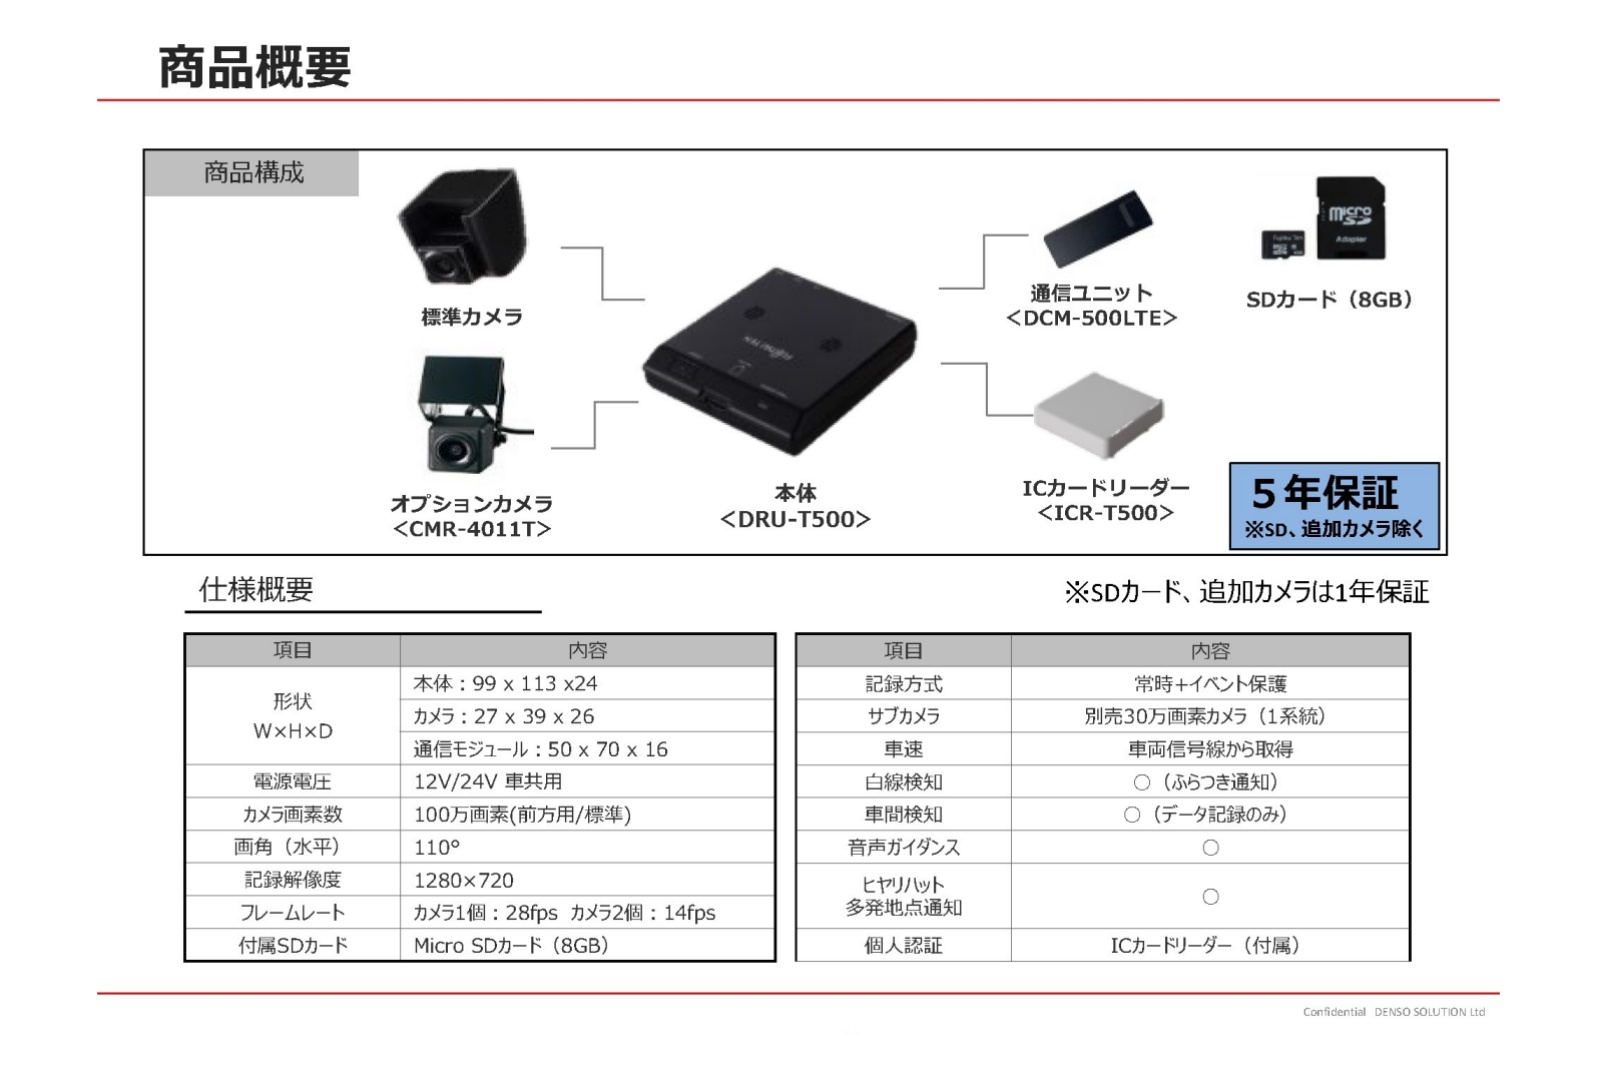 「G500Lite」商品構成